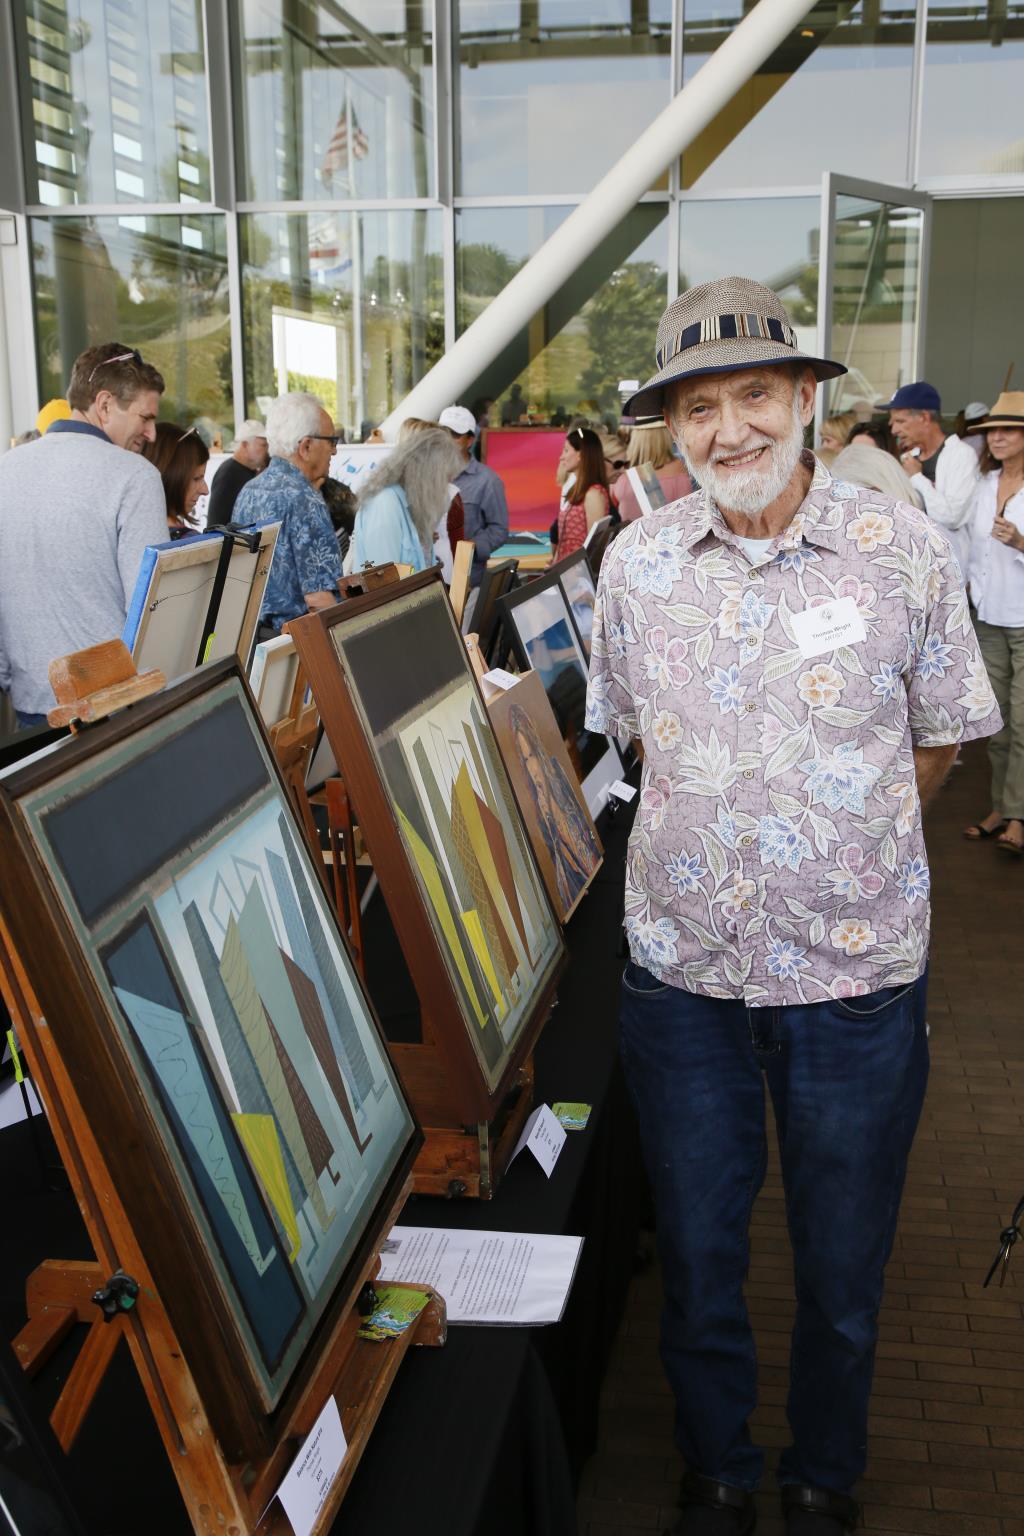 Newport Beach Art Exhibition   City of Newport Beach